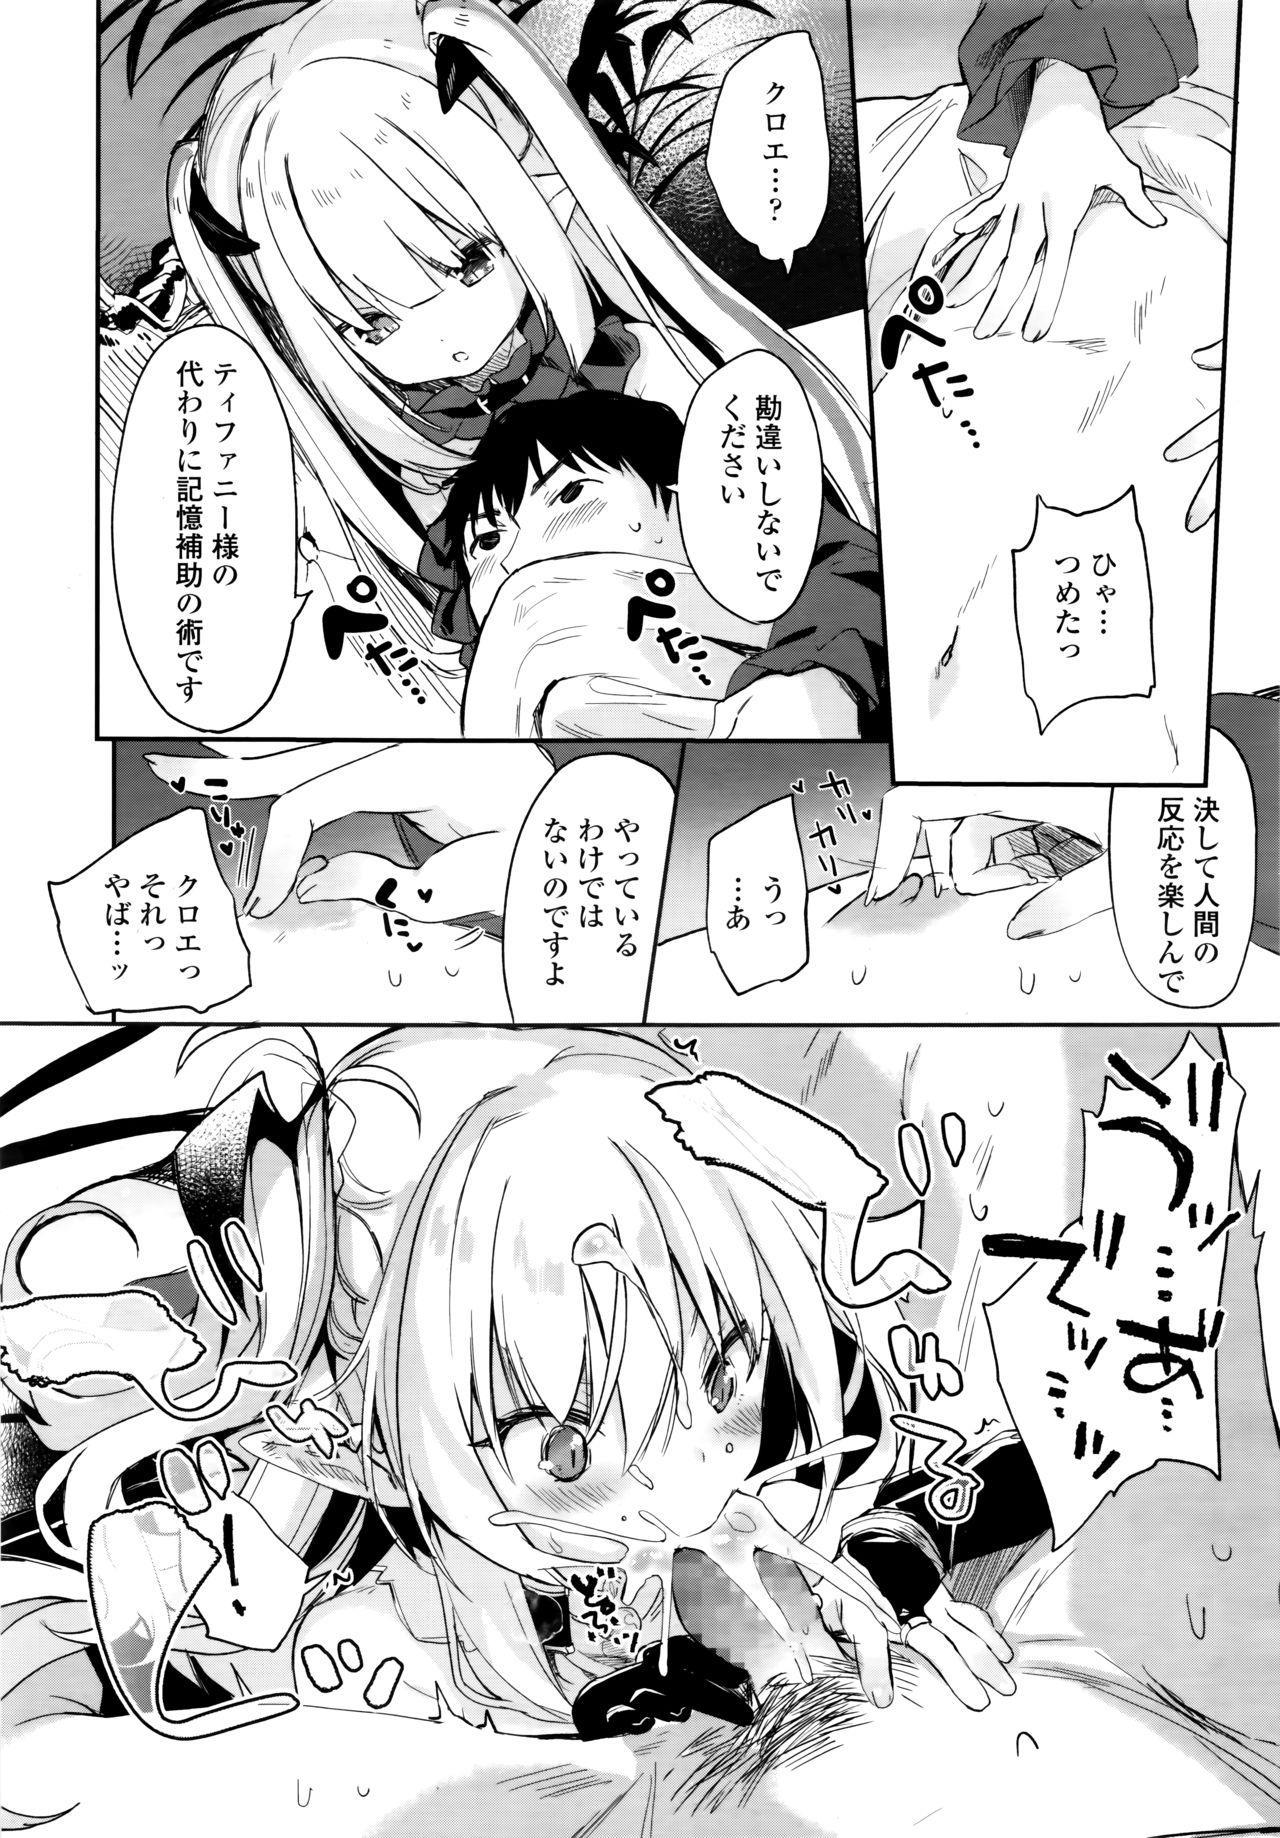 Towako 6 33